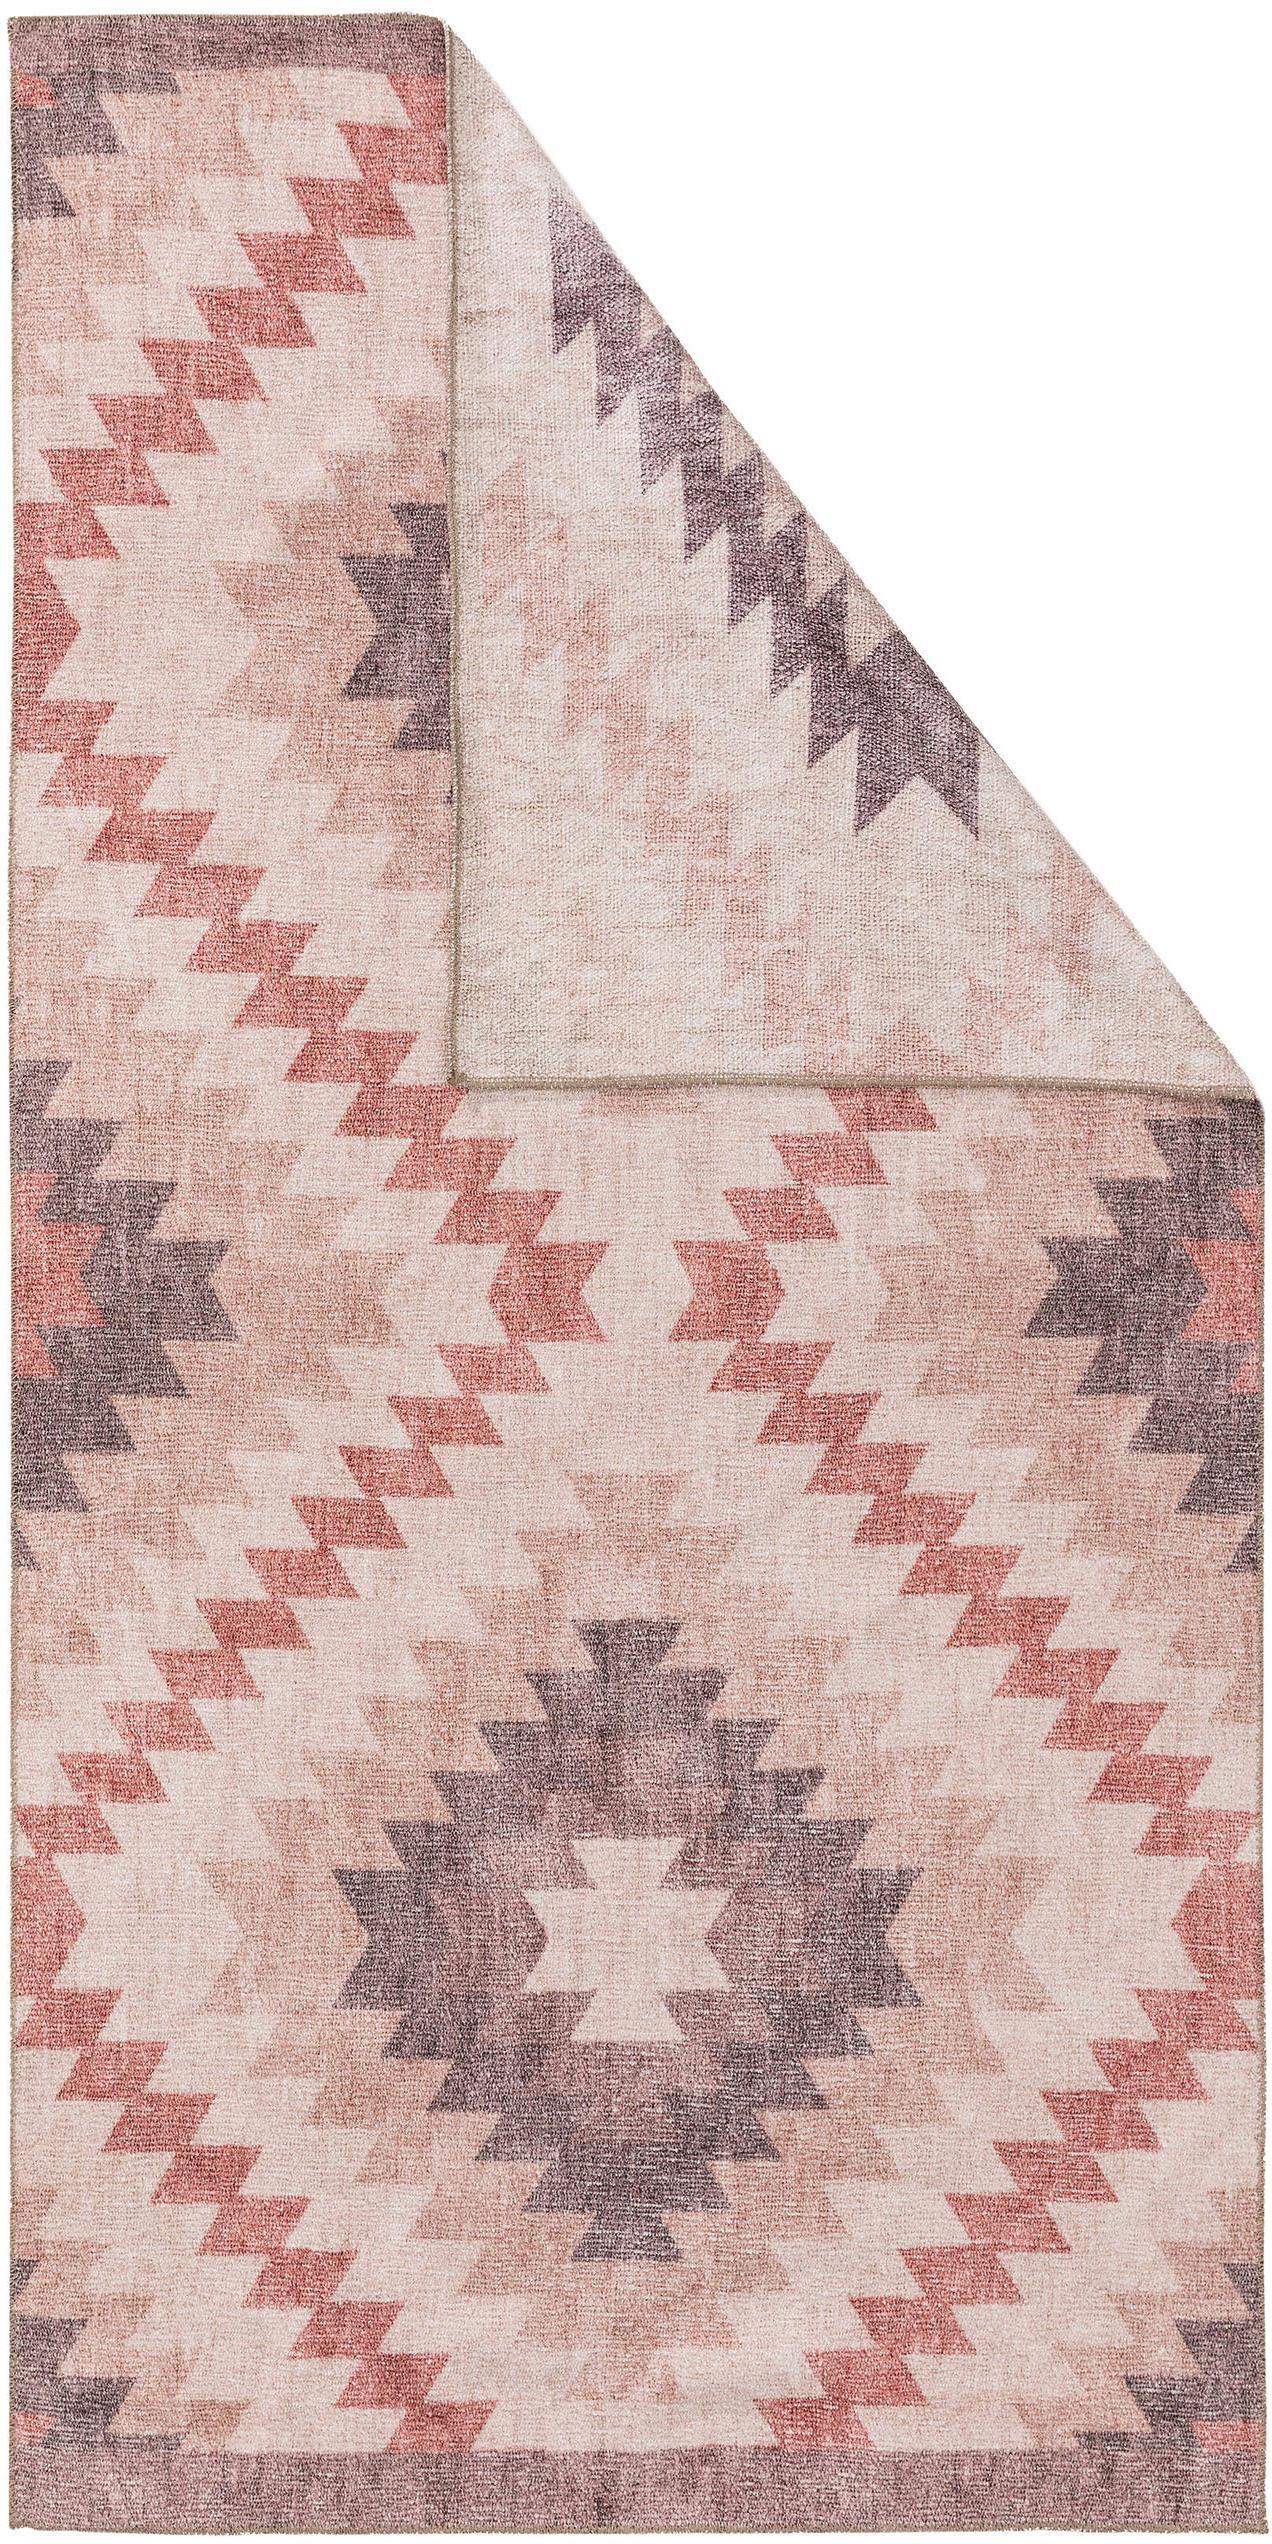 Alfombra kilim reversible Ana Dimonds, estilo étnico, 80%poliéster 20%algodón, Rosa palo, multicolor, An 75 x L 150 cm (Tamaño XS)